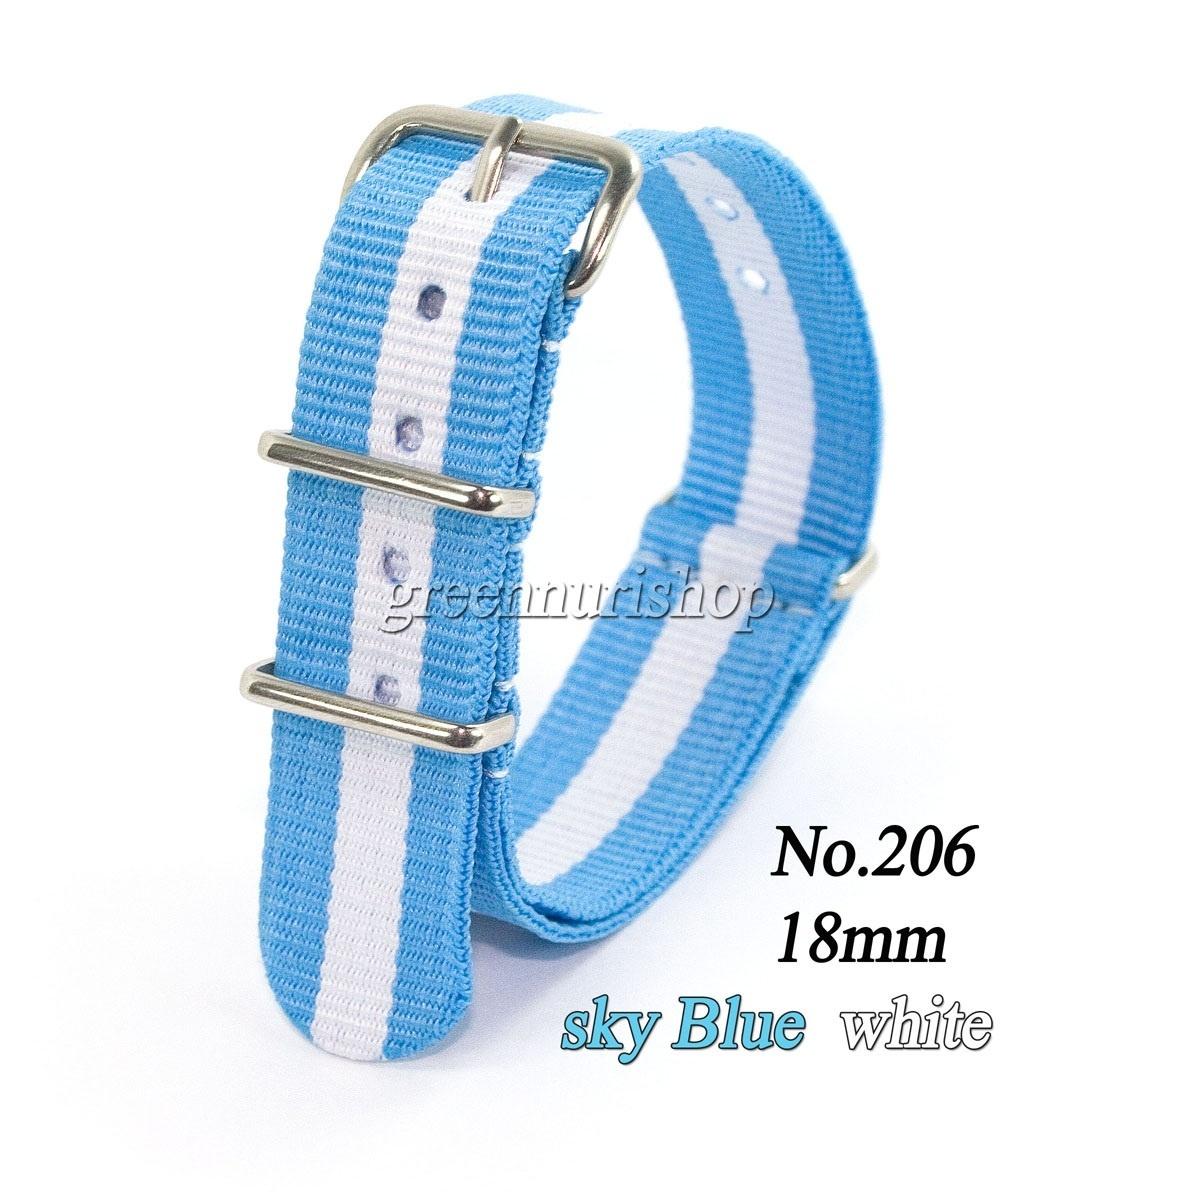 Http List Item Jang Geun Suk Earring Fashion Adidas Adh3017 Aberdeen Red Dial Rubber Strap 581518628 04g 0 W St G